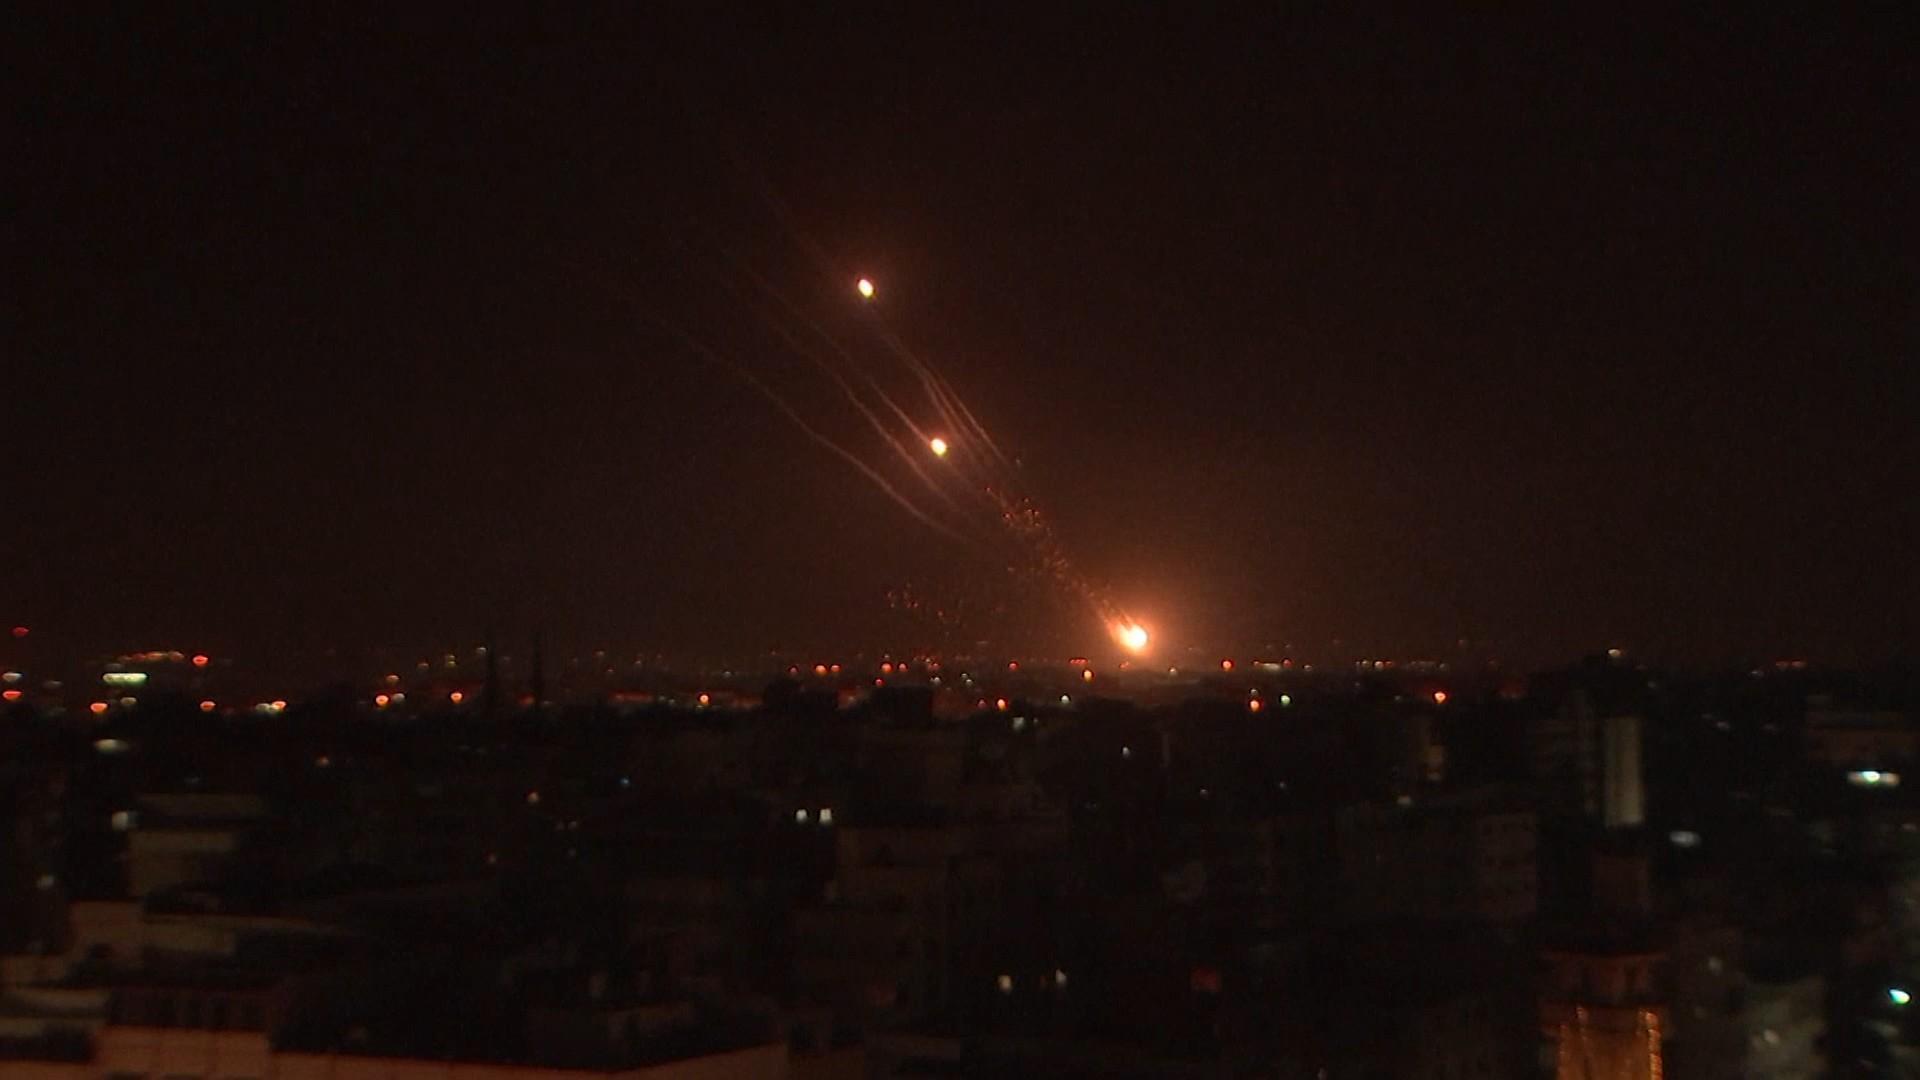 Ploaie de foc pe cerul Israelului. Iron Dome-ul a interceptat zeci de rachete către Tel Aviv. O clădire Hamas cu 13 etaje din Gaza a fost distrusă de bombardamente